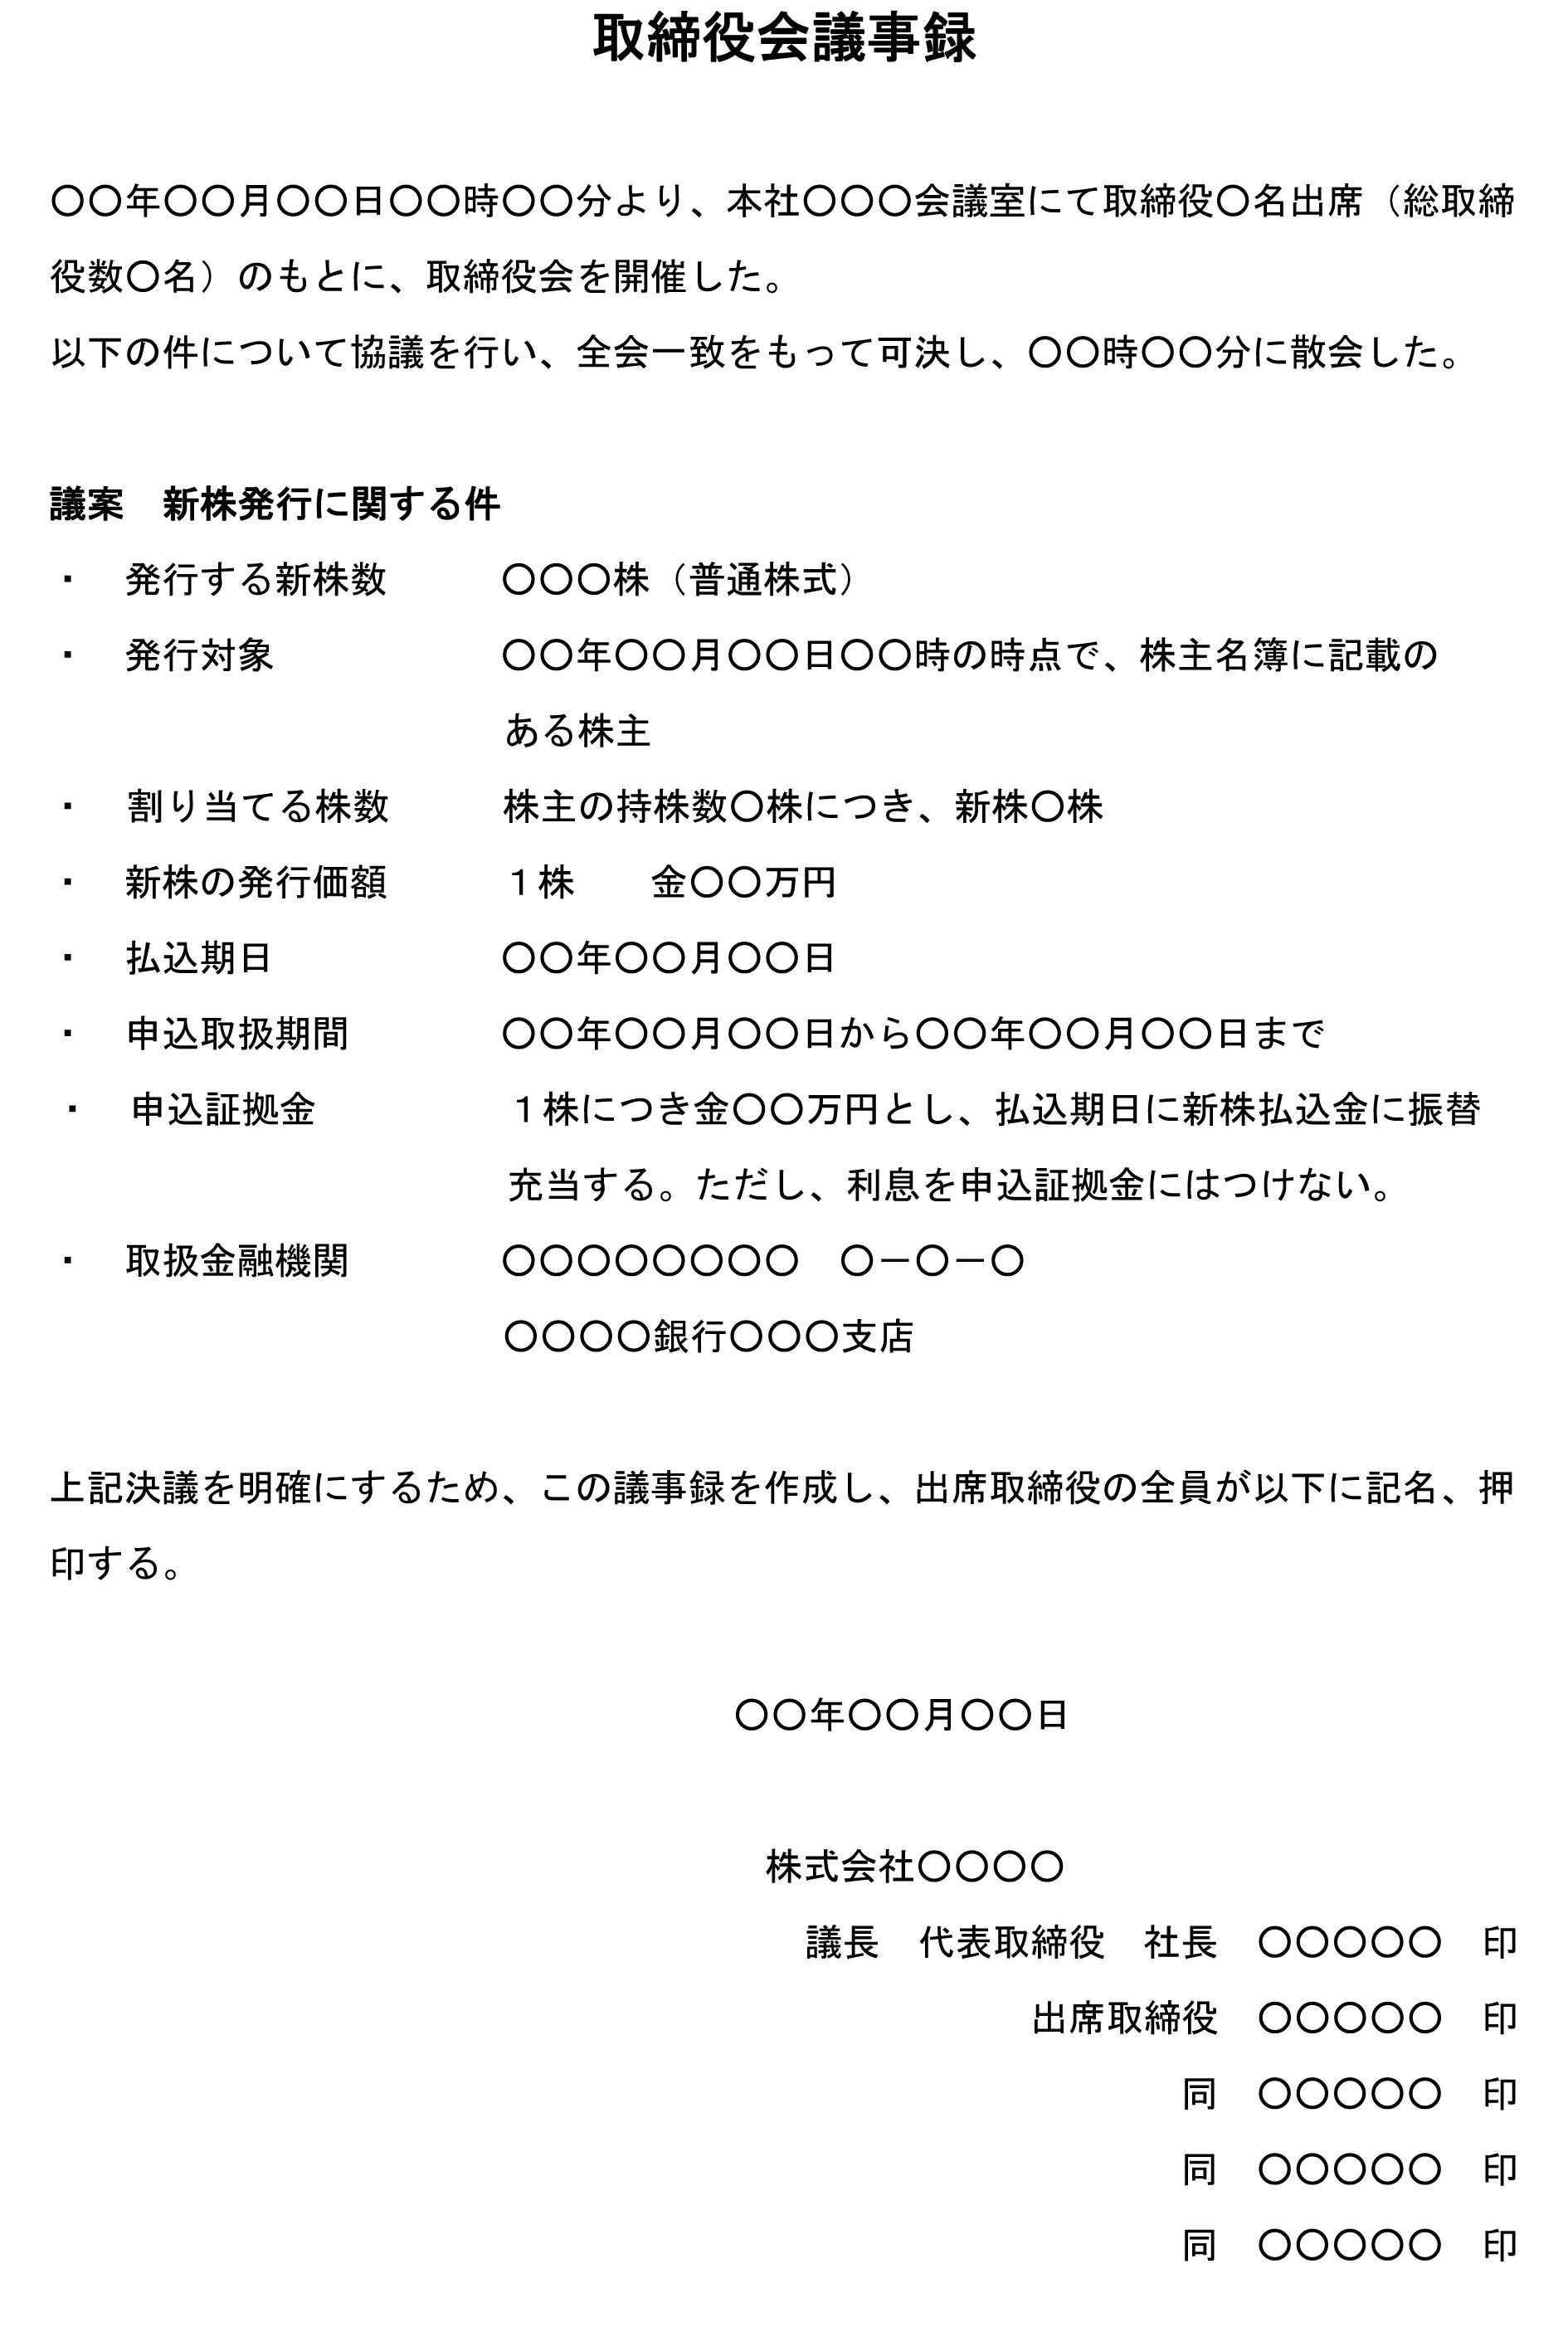 取締役会議事録(新株発行)03